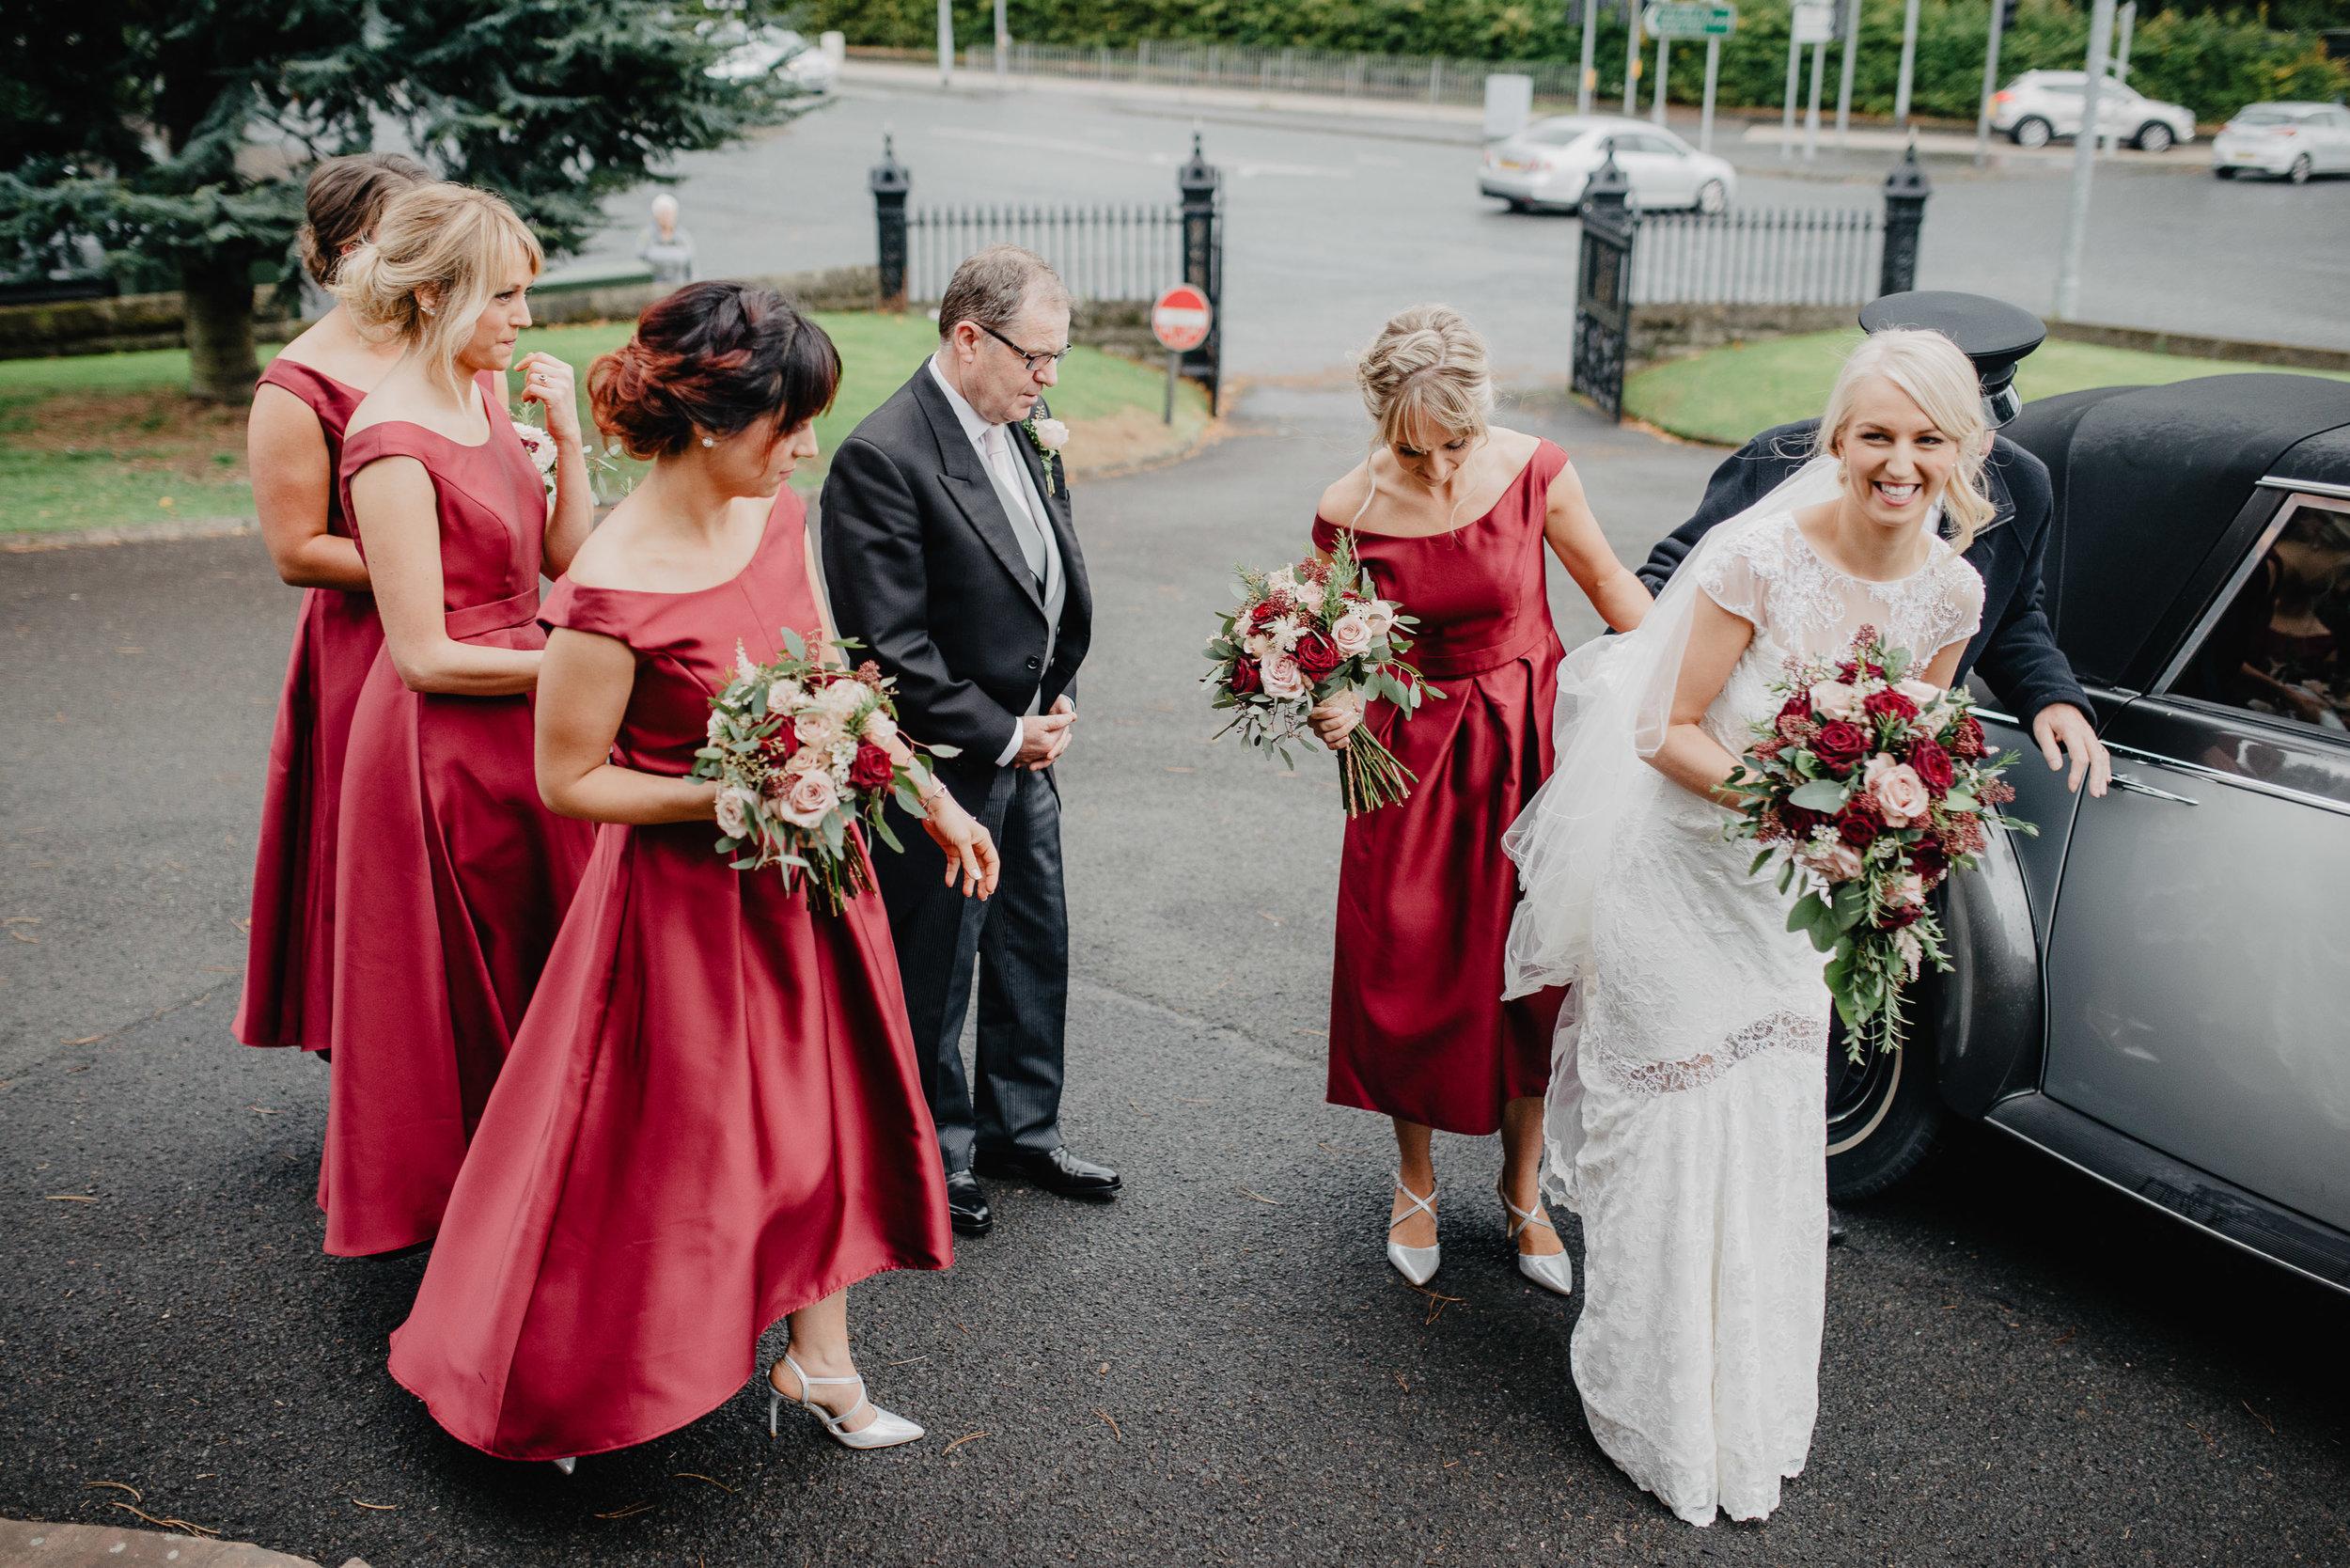 larchfield estate wedding photos-37.jpg